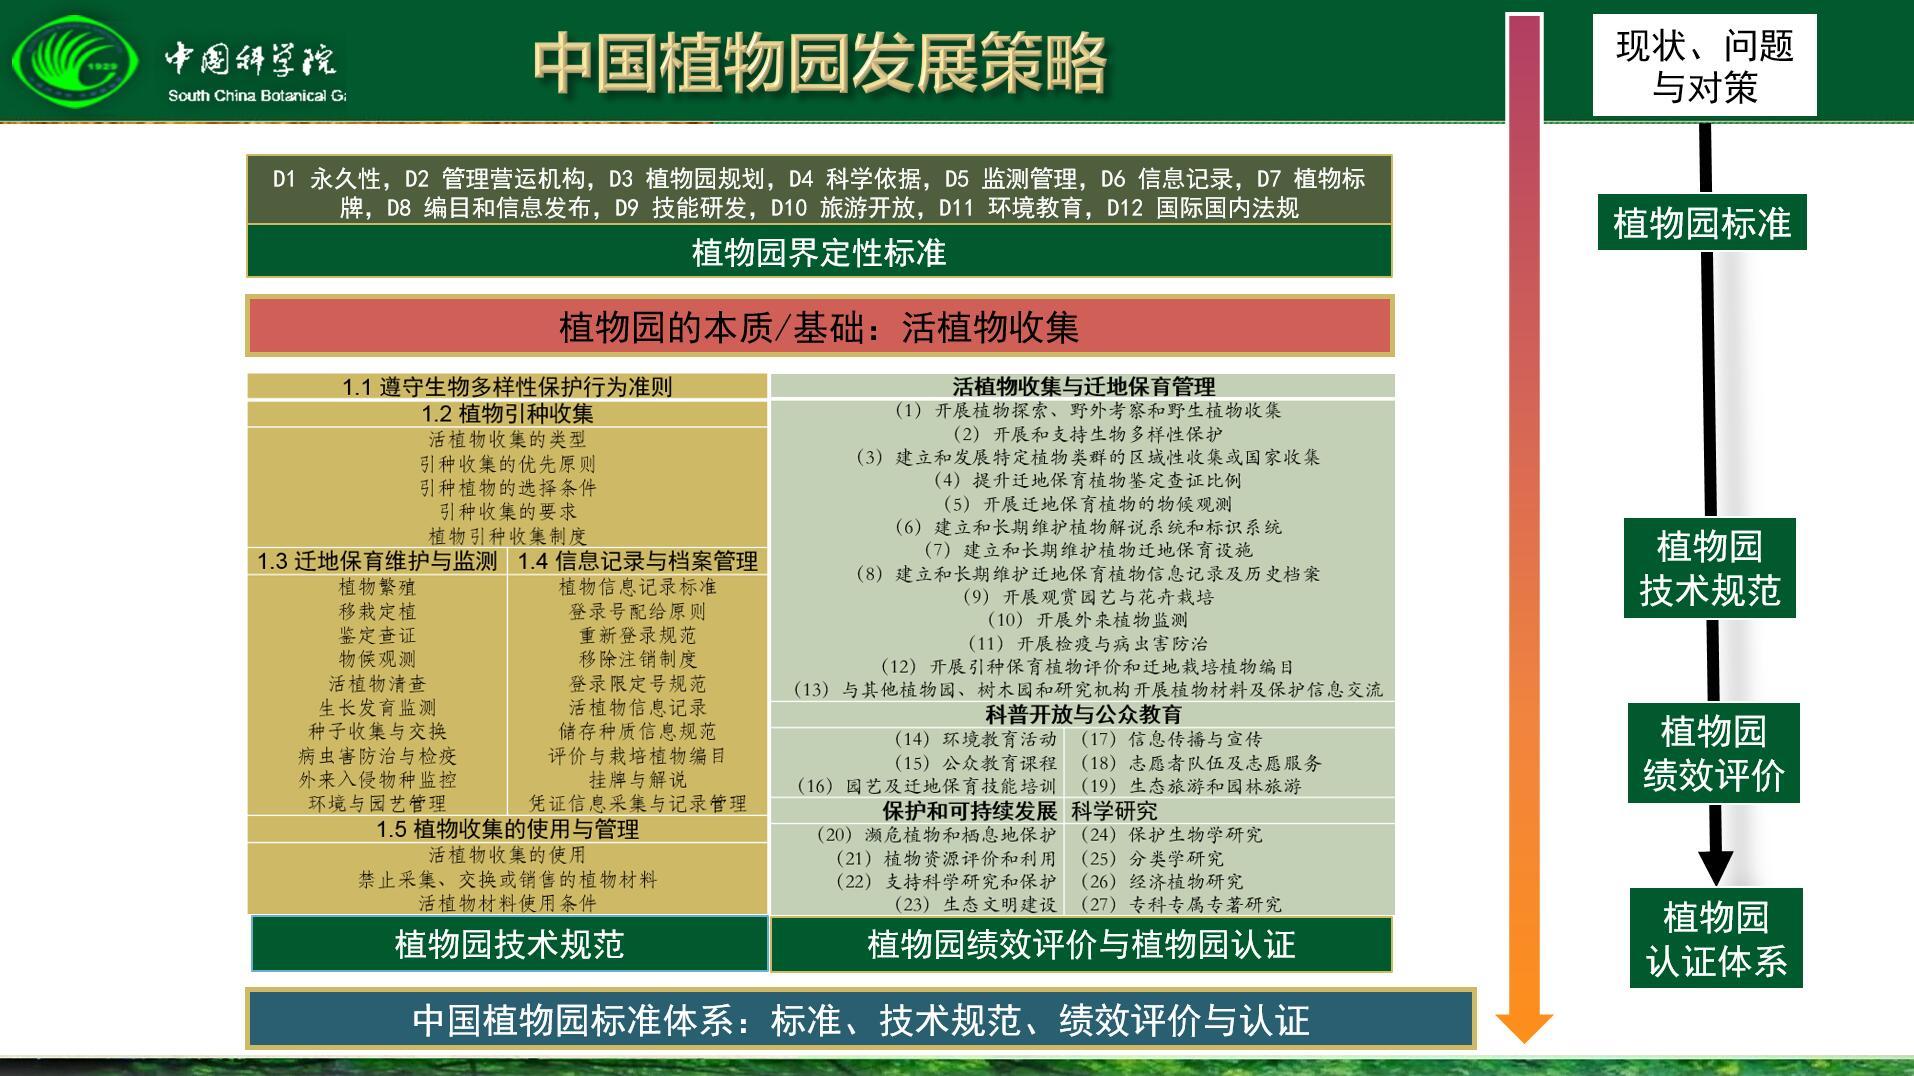 图10 中国植物园发展策略.jpg